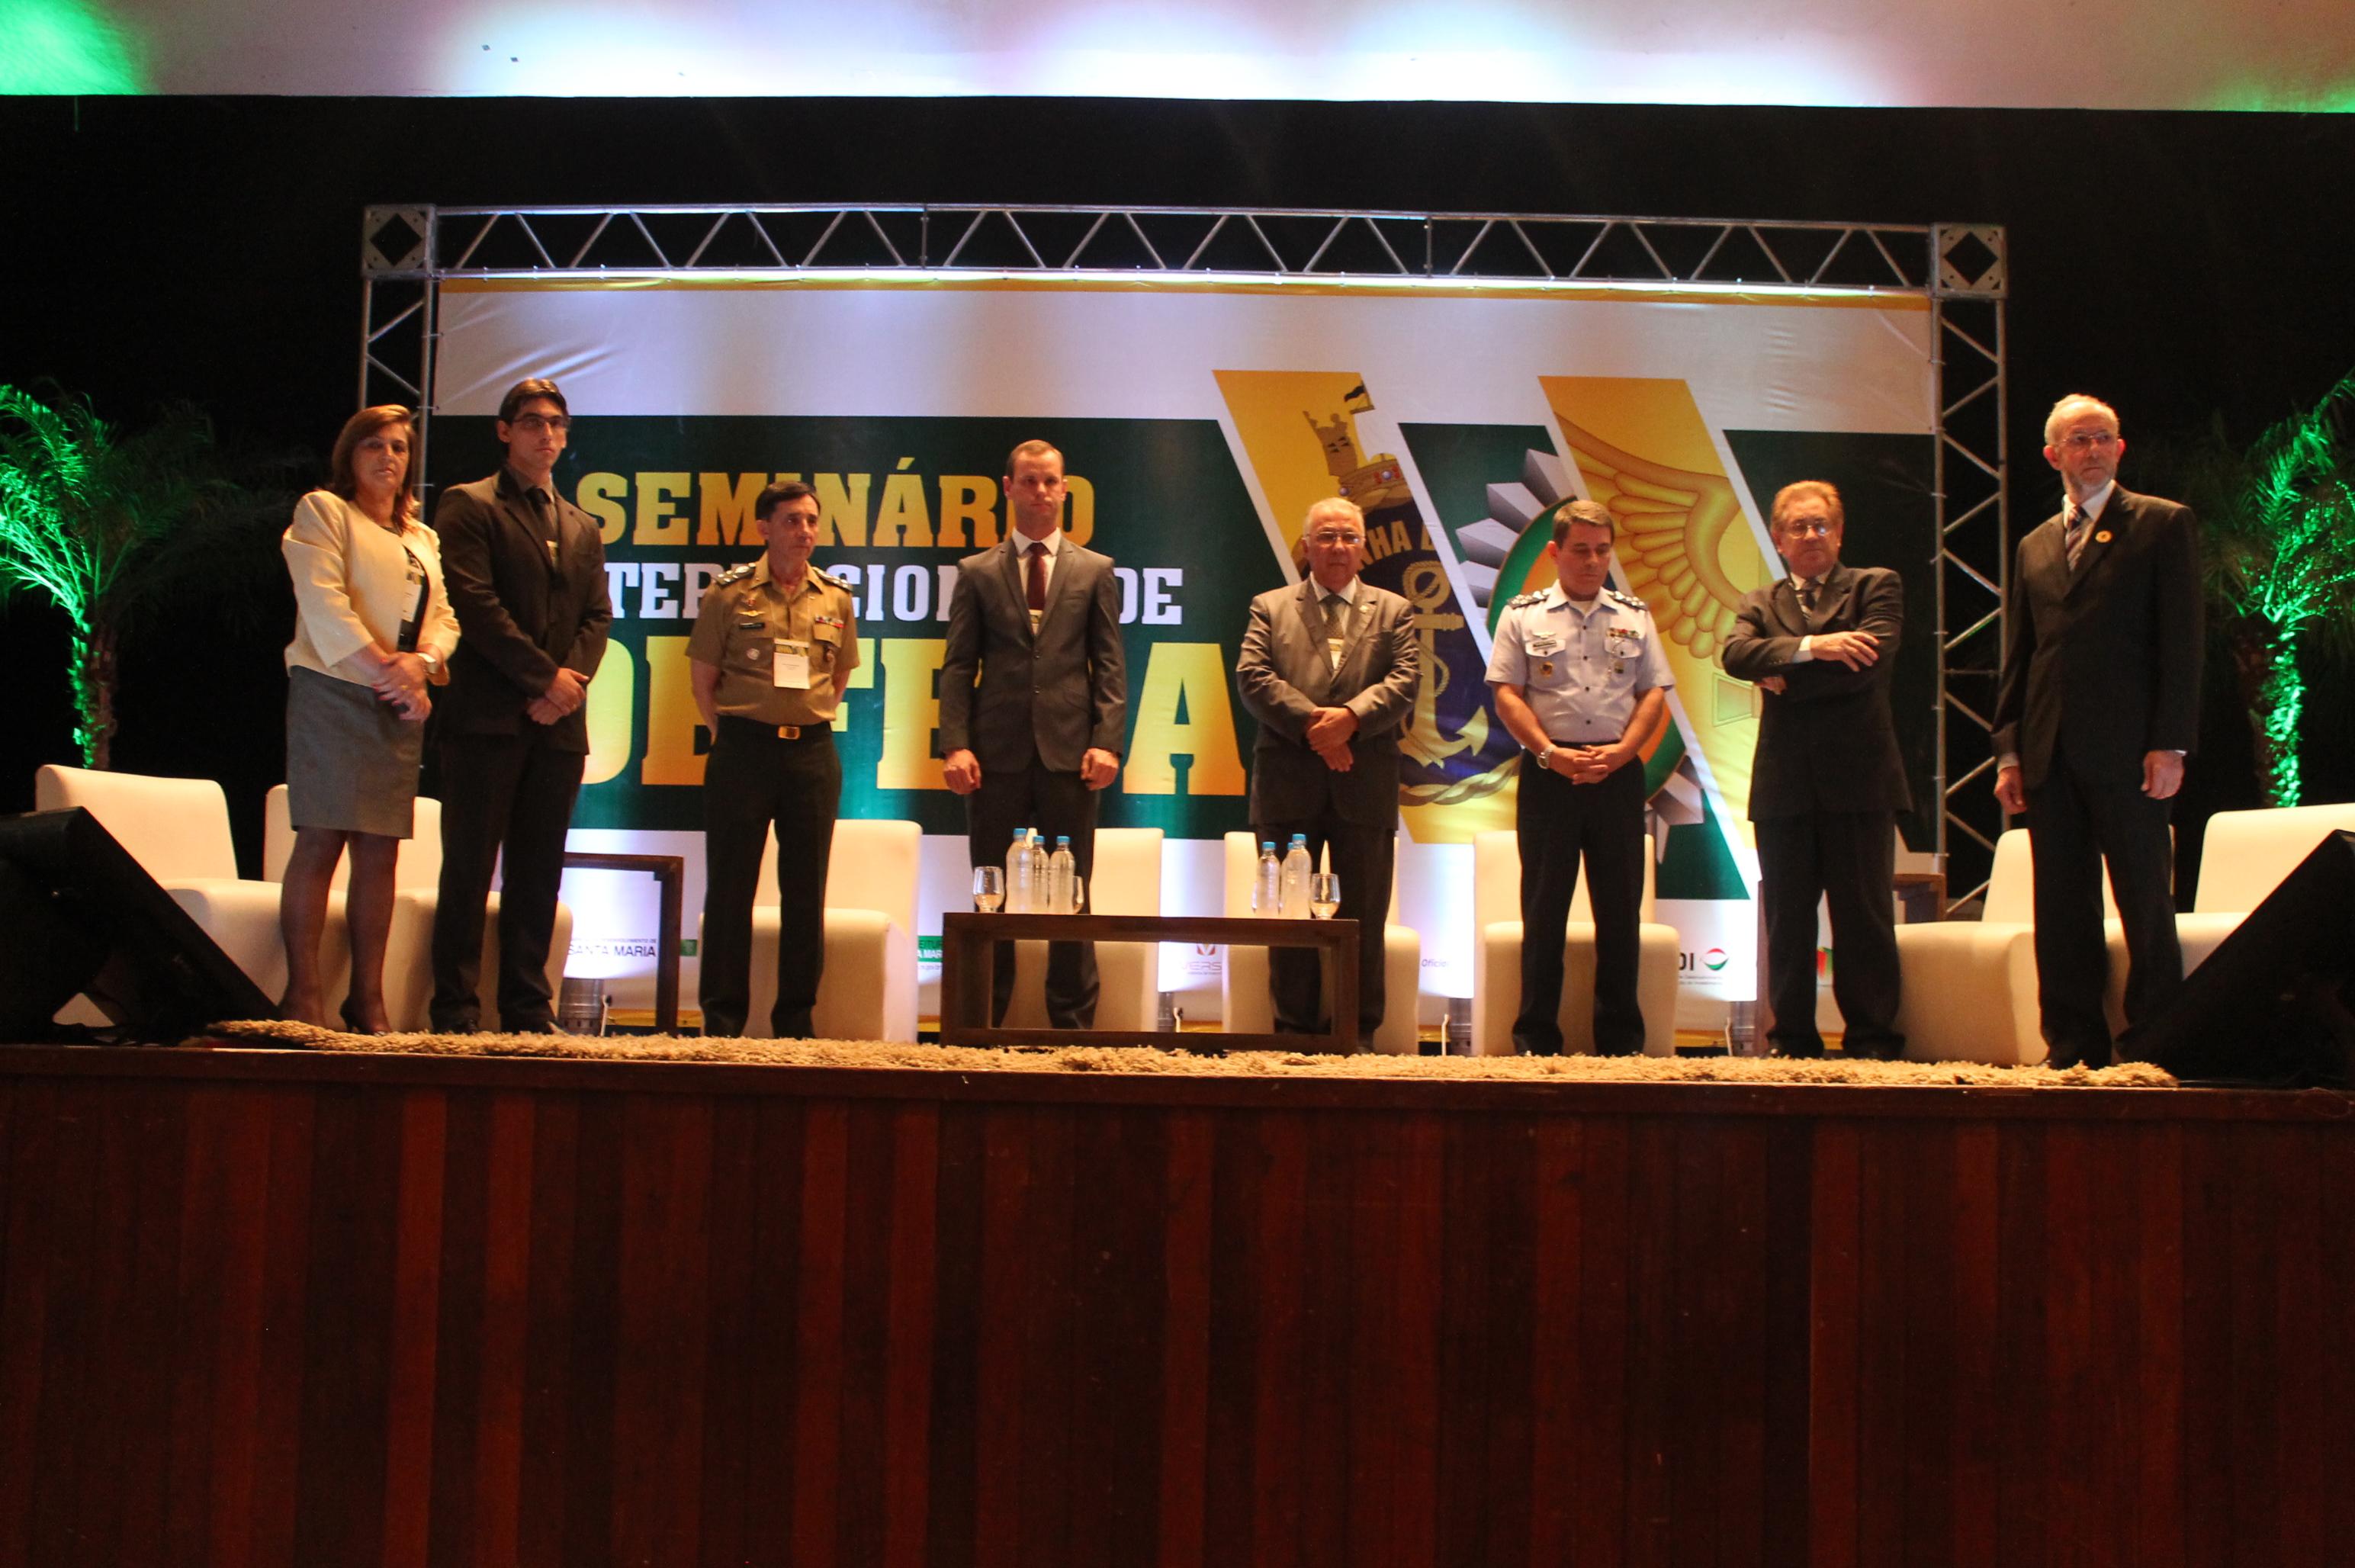 Autoridades na abertura do Seminário Internacional de Defesa (Imagem: Marielle Flores)